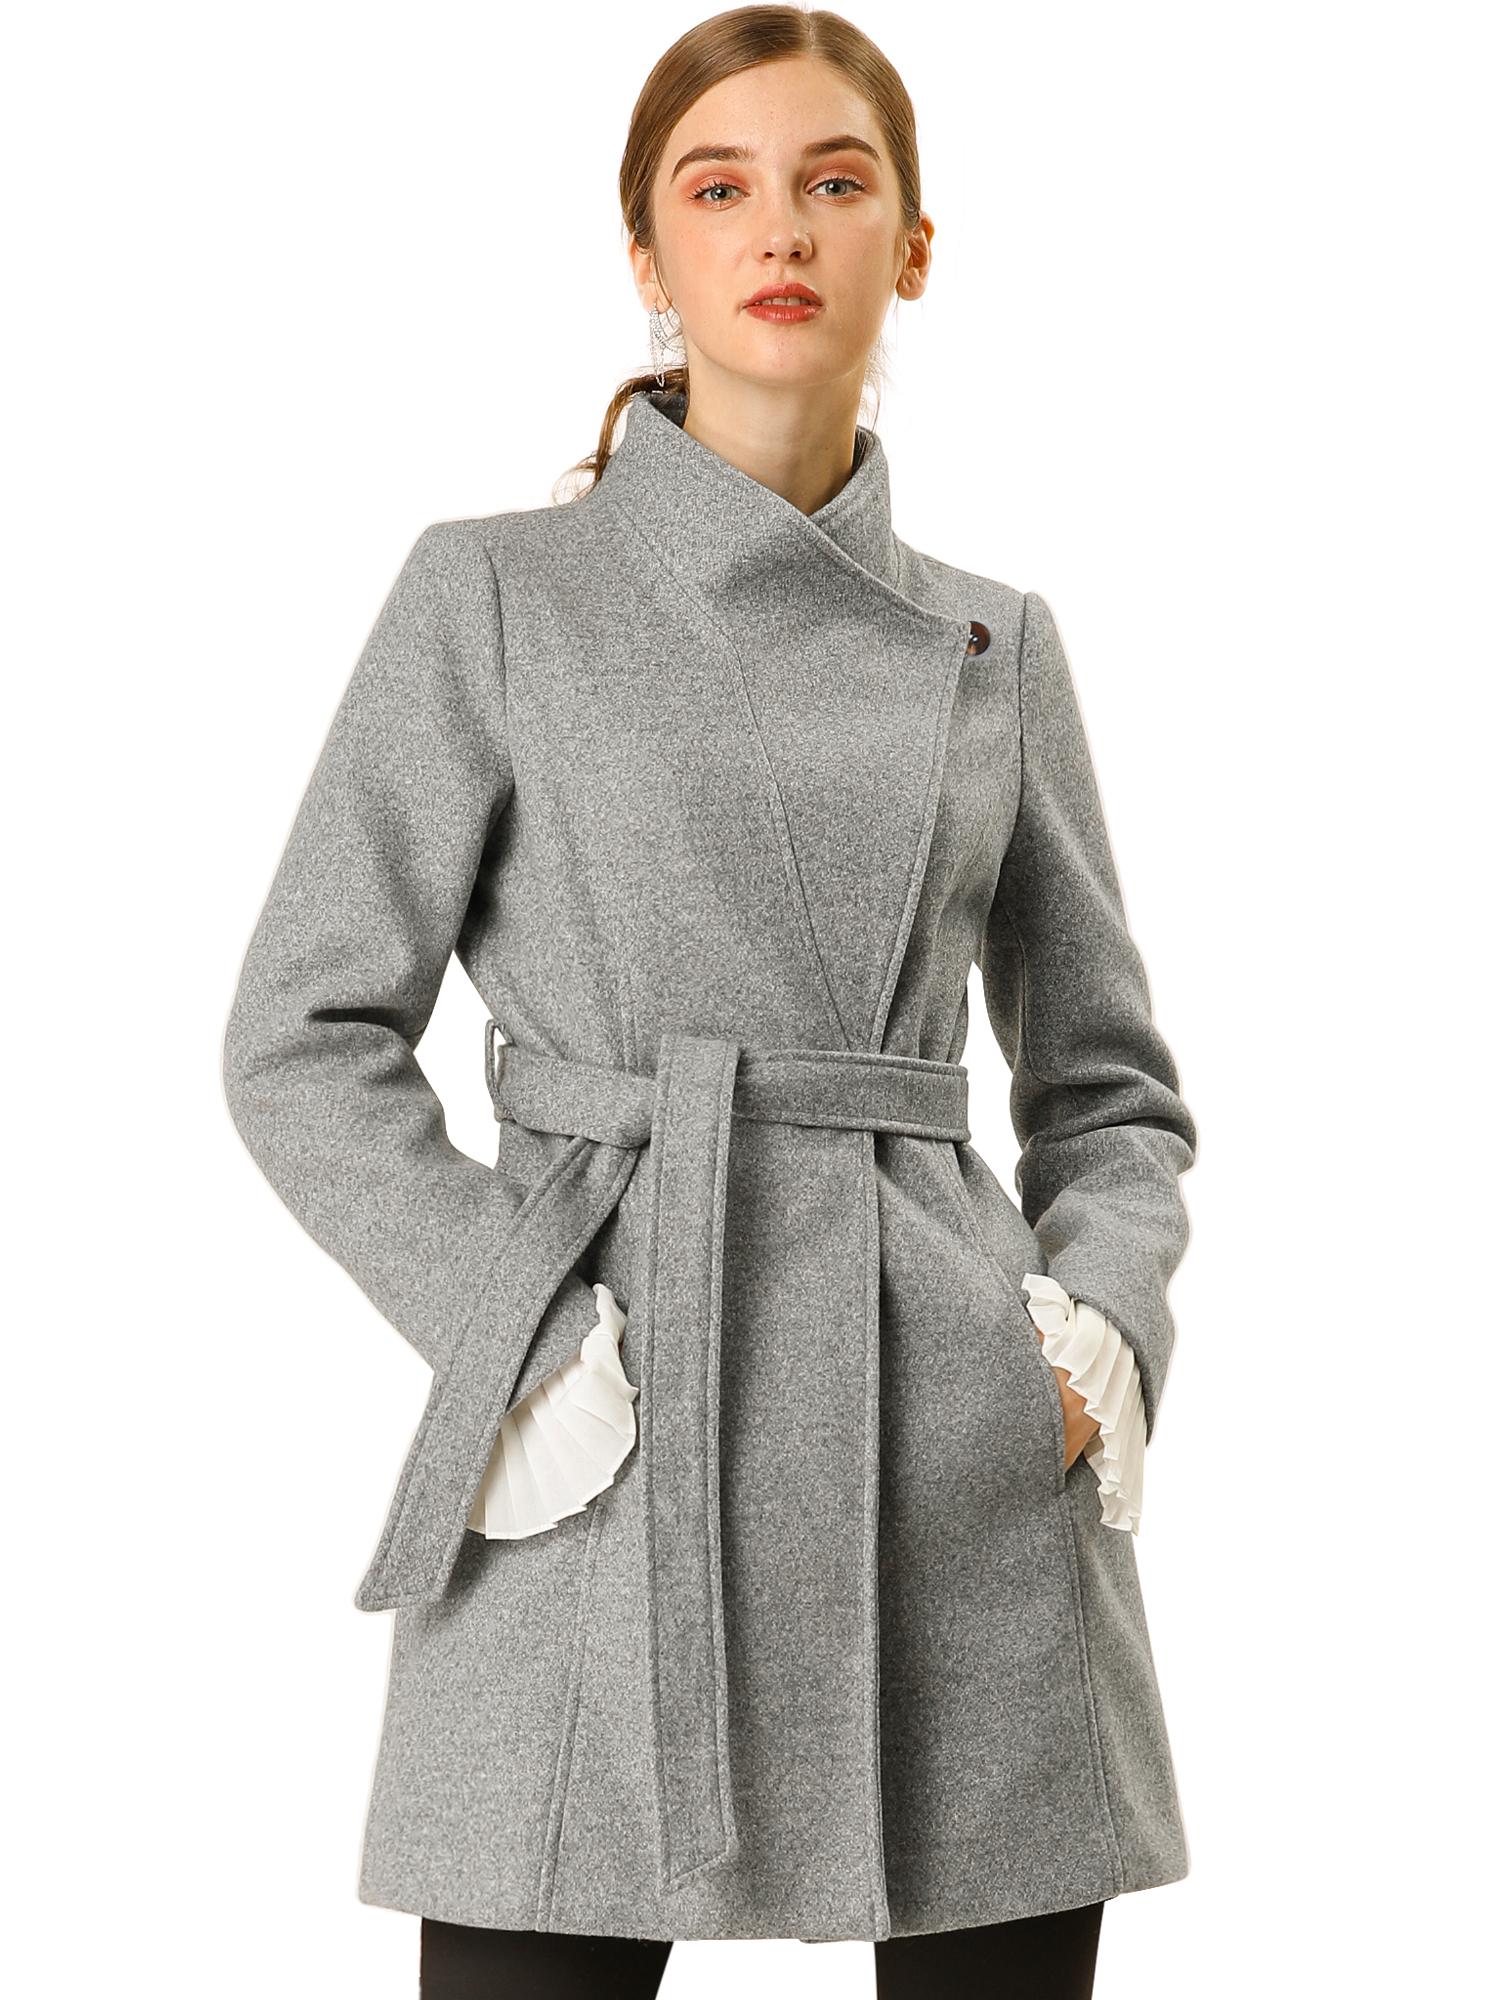 Allegra K Women's Stand Collar Tie Waist Casual Coat Grey XS